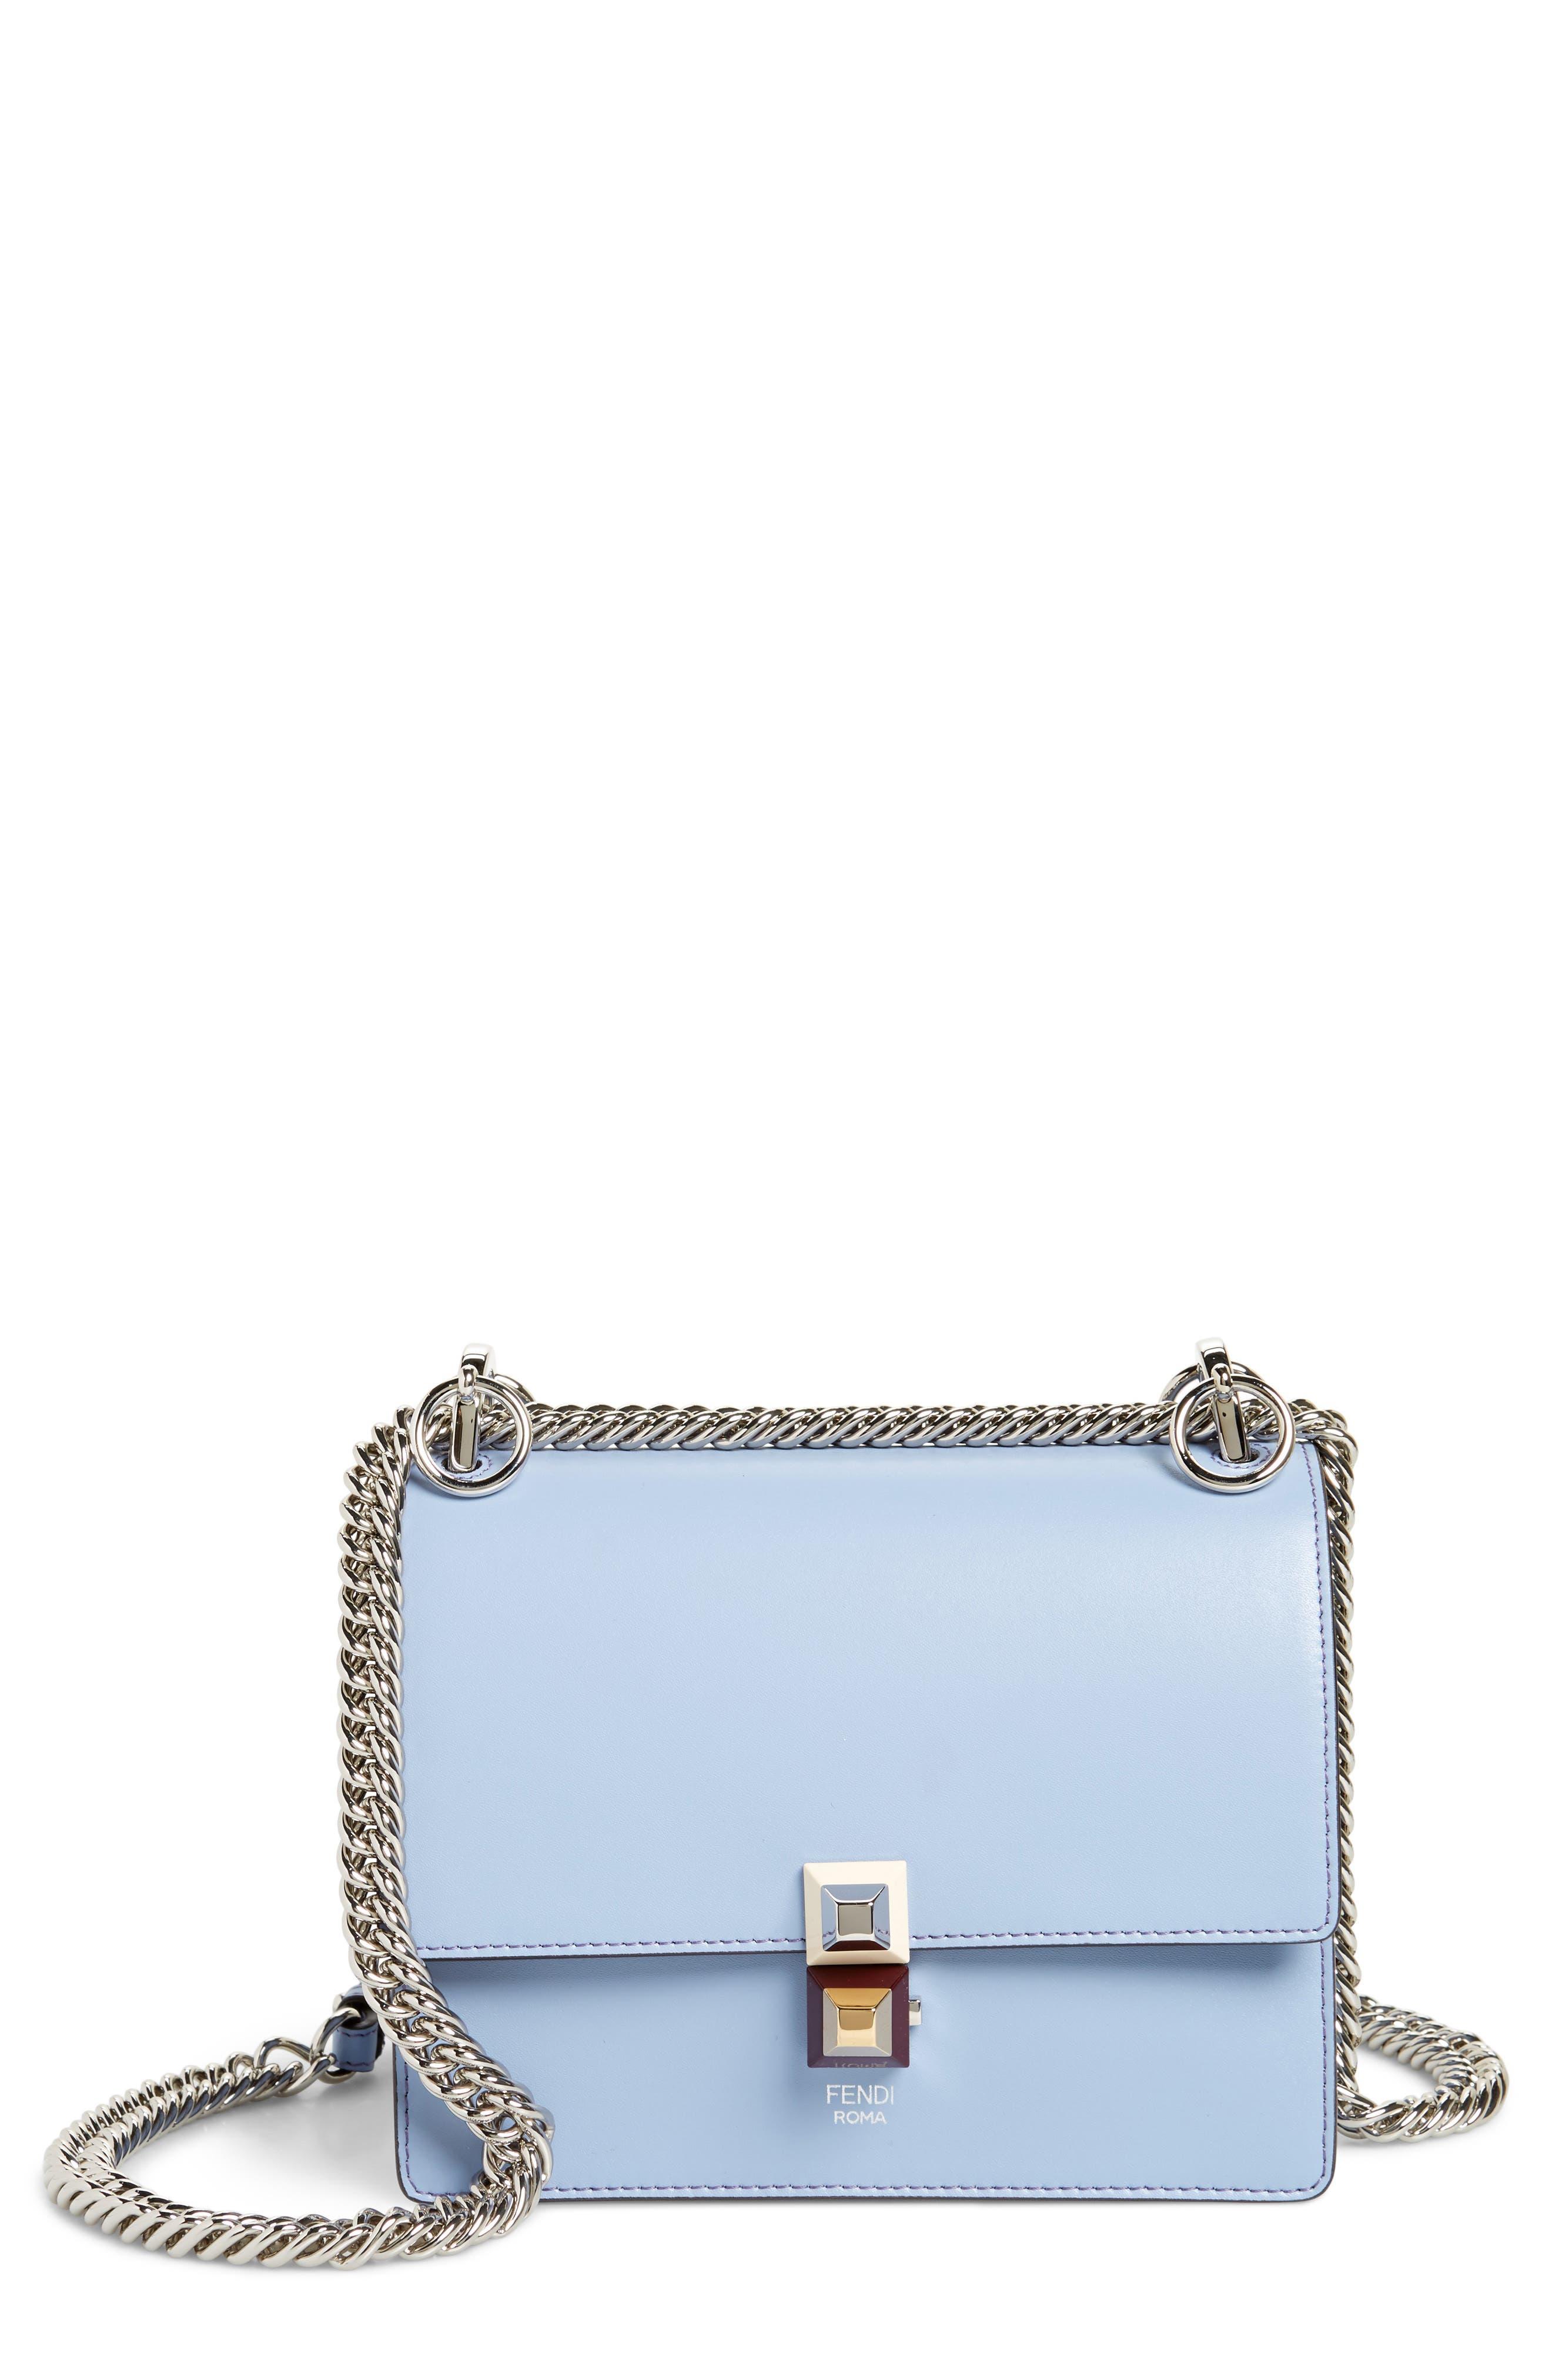 Mini Kan I Leather Shoulder Bag,                             Main thumbnail 1, color,                             400